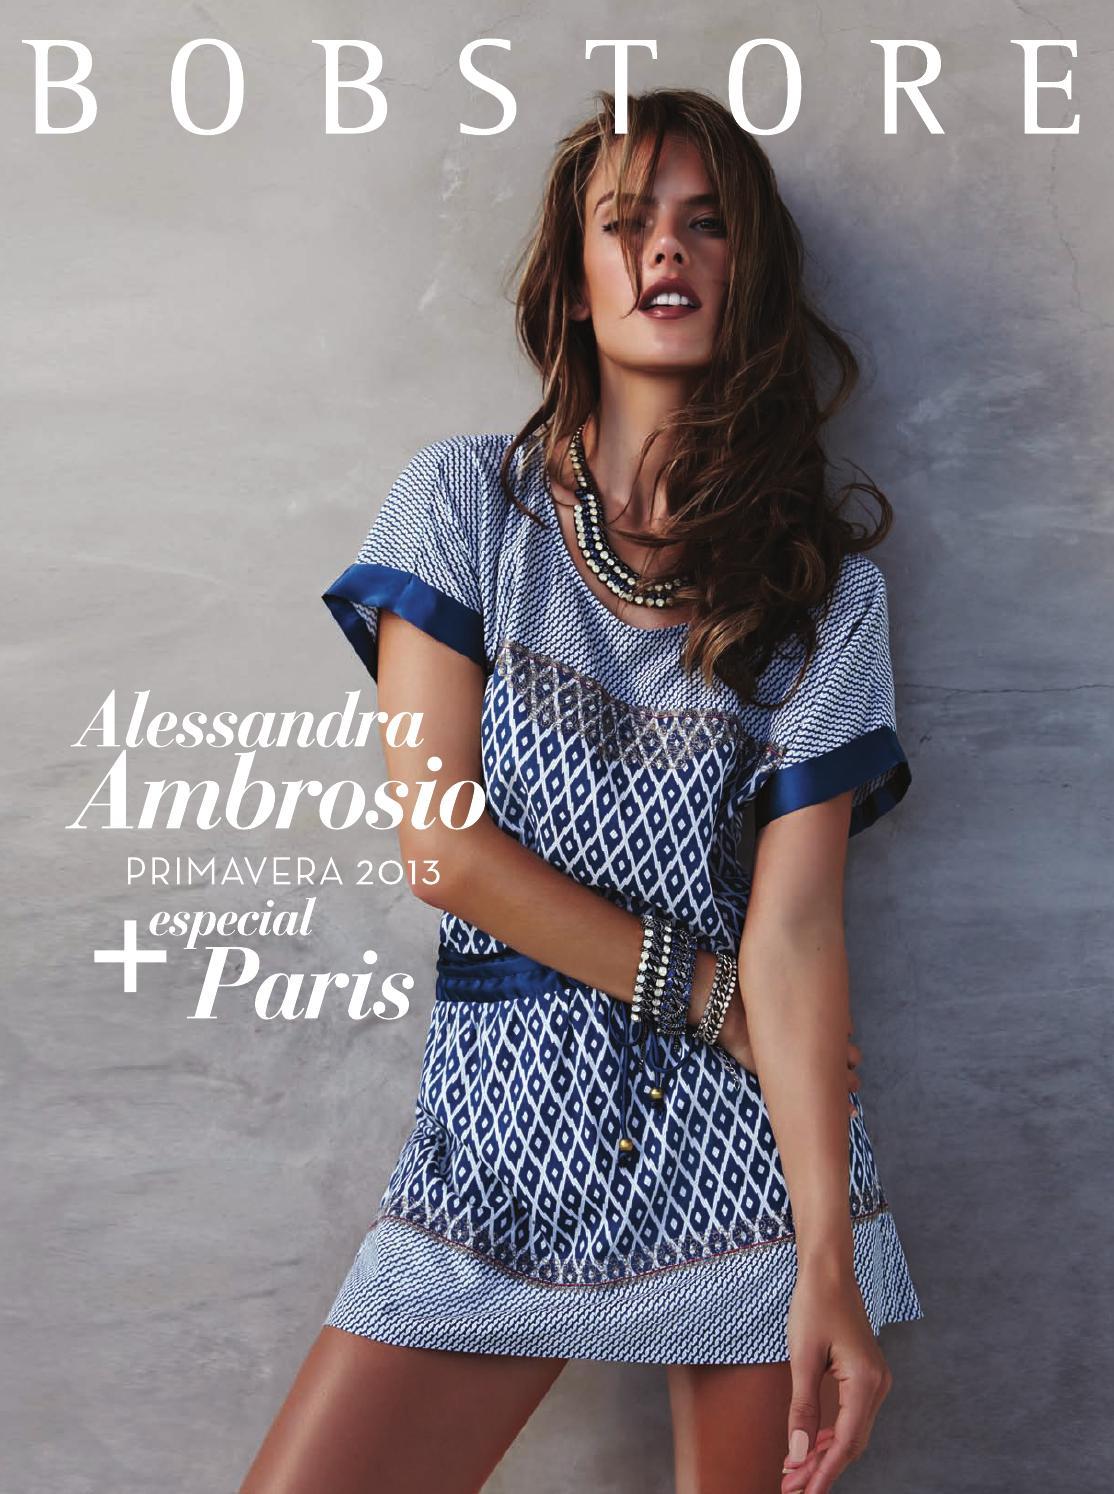 3d66fac8cd Revista 36 - Primavera 2013 by BOBSTORE - issuu